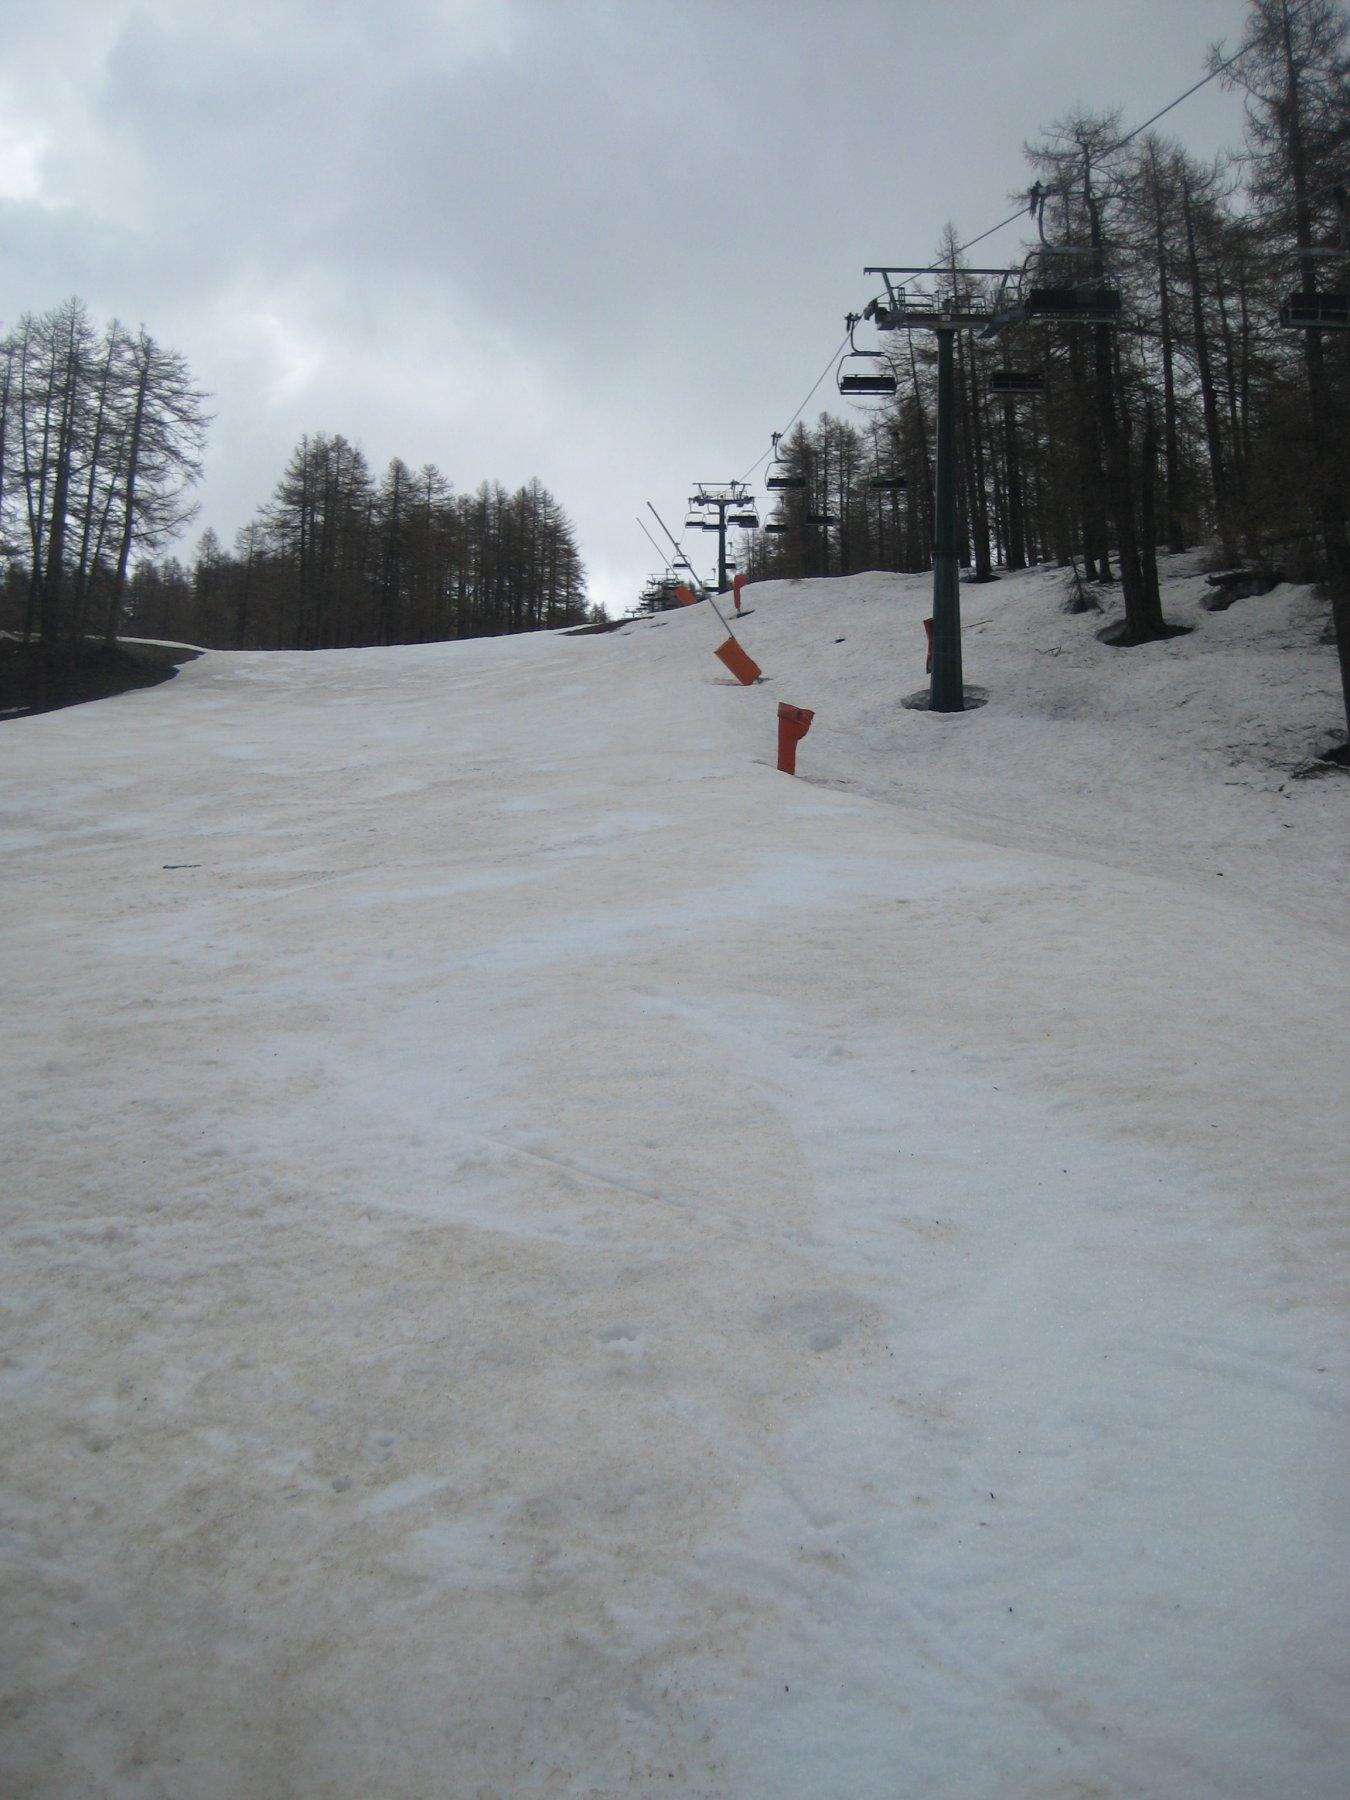 ultime curvette su neve sporca